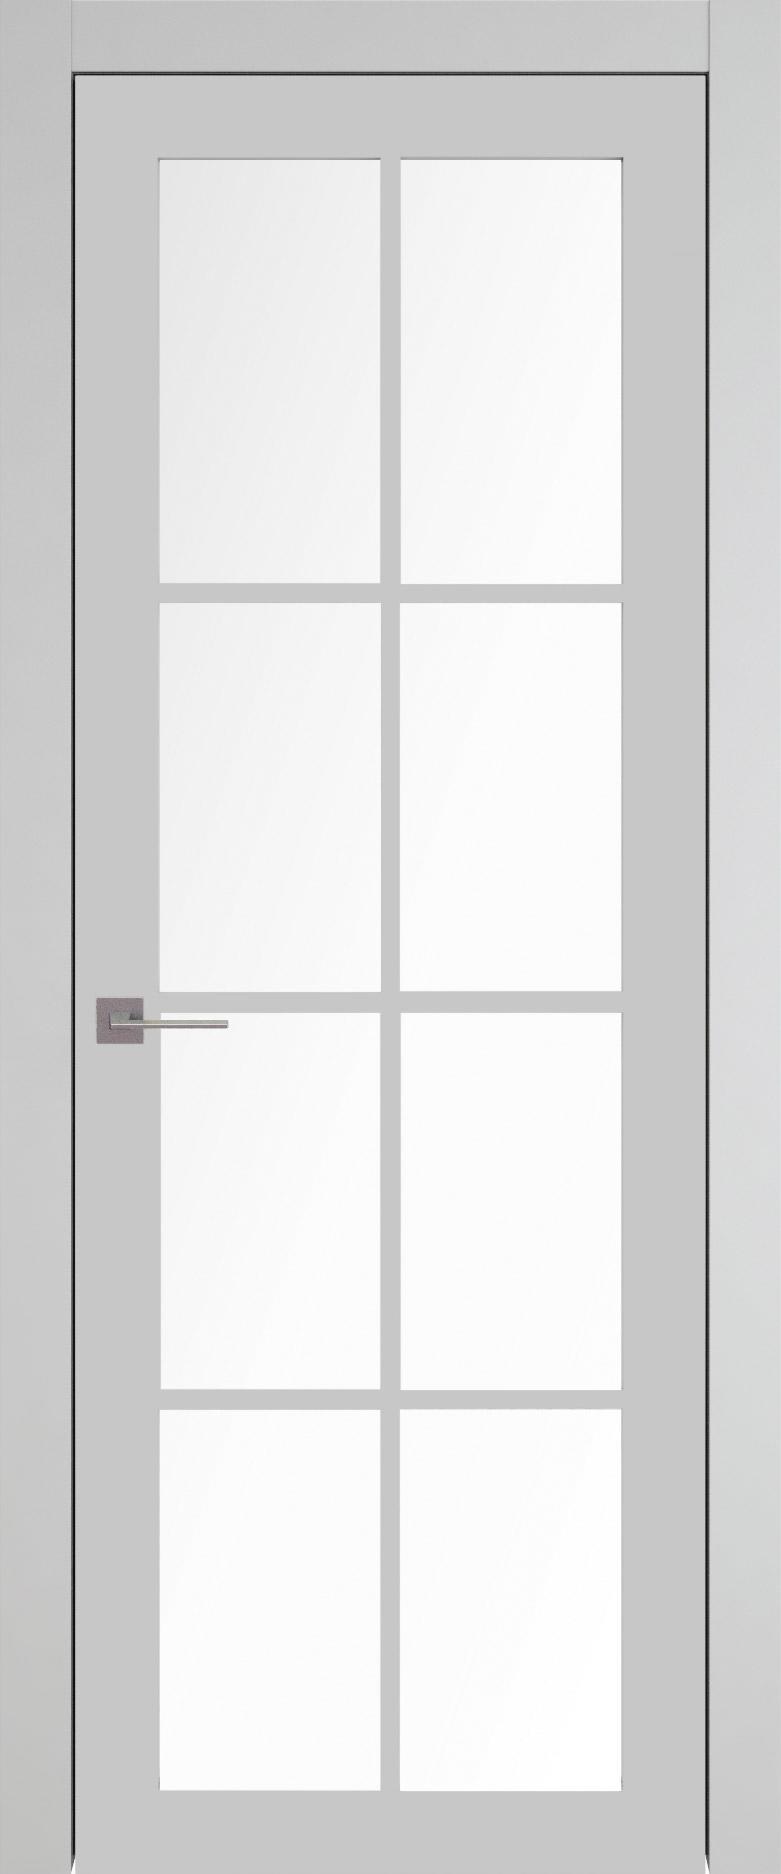 Tivoli З-5 цвет - Серая эмаль (RAL 7047) Со стеклом (ДО)